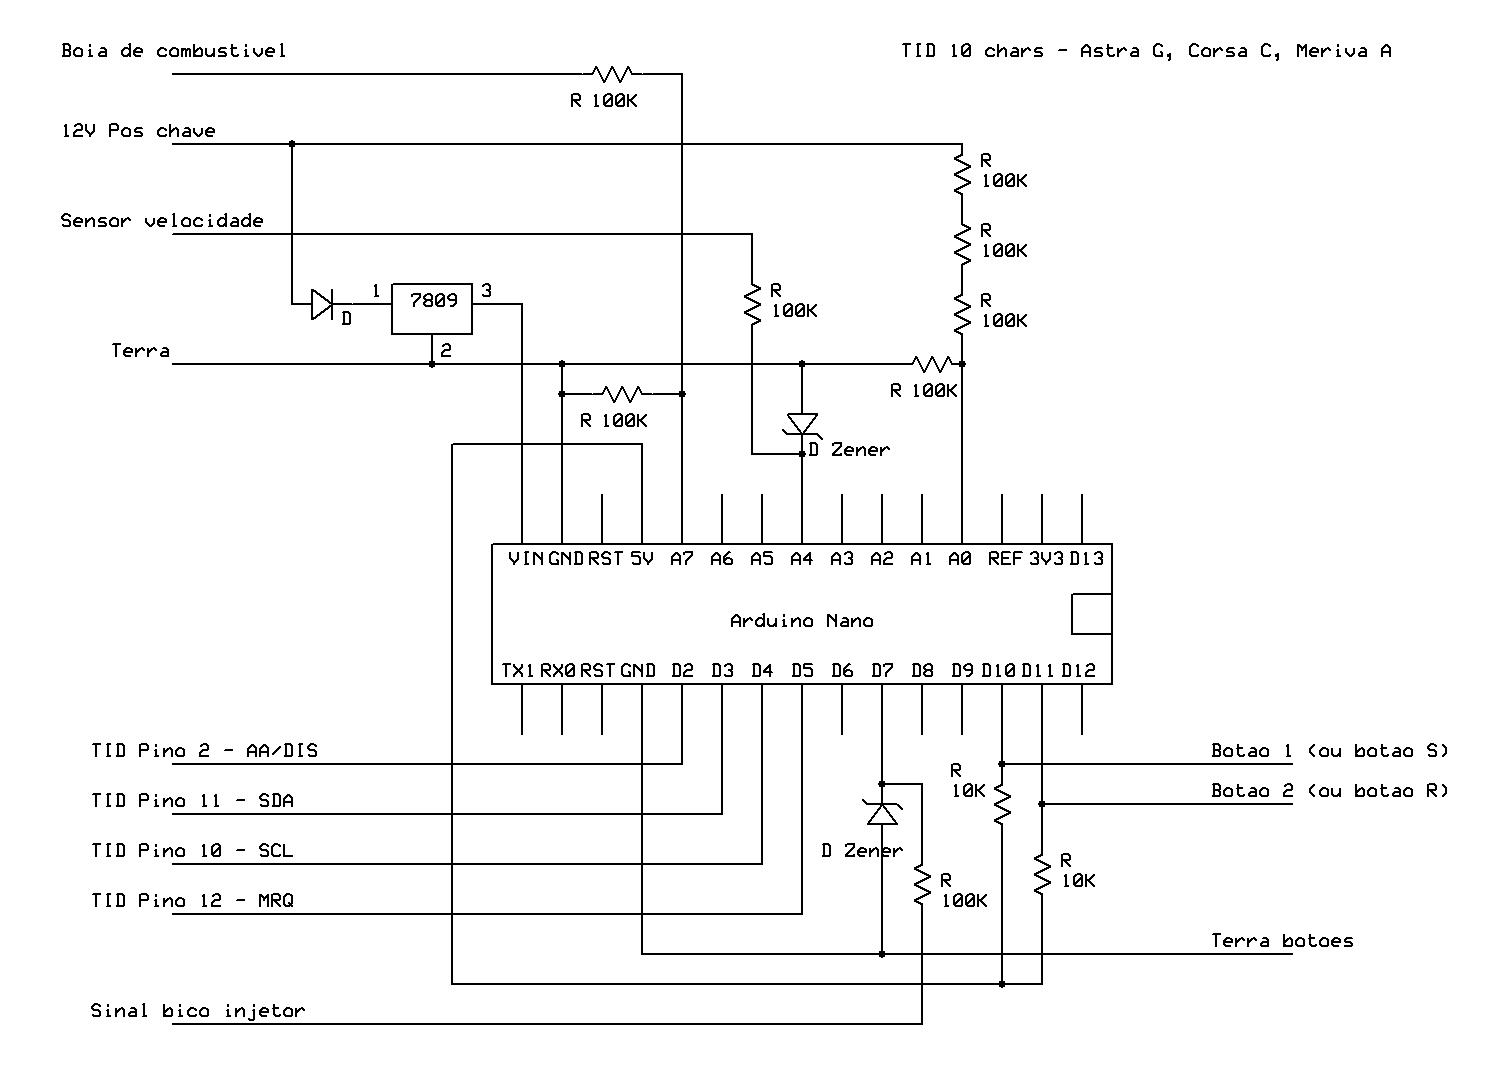 Bmw R90 Wiring Diagram Spaghetti Corsa D Choice Image And Writign Cd30 Attaching